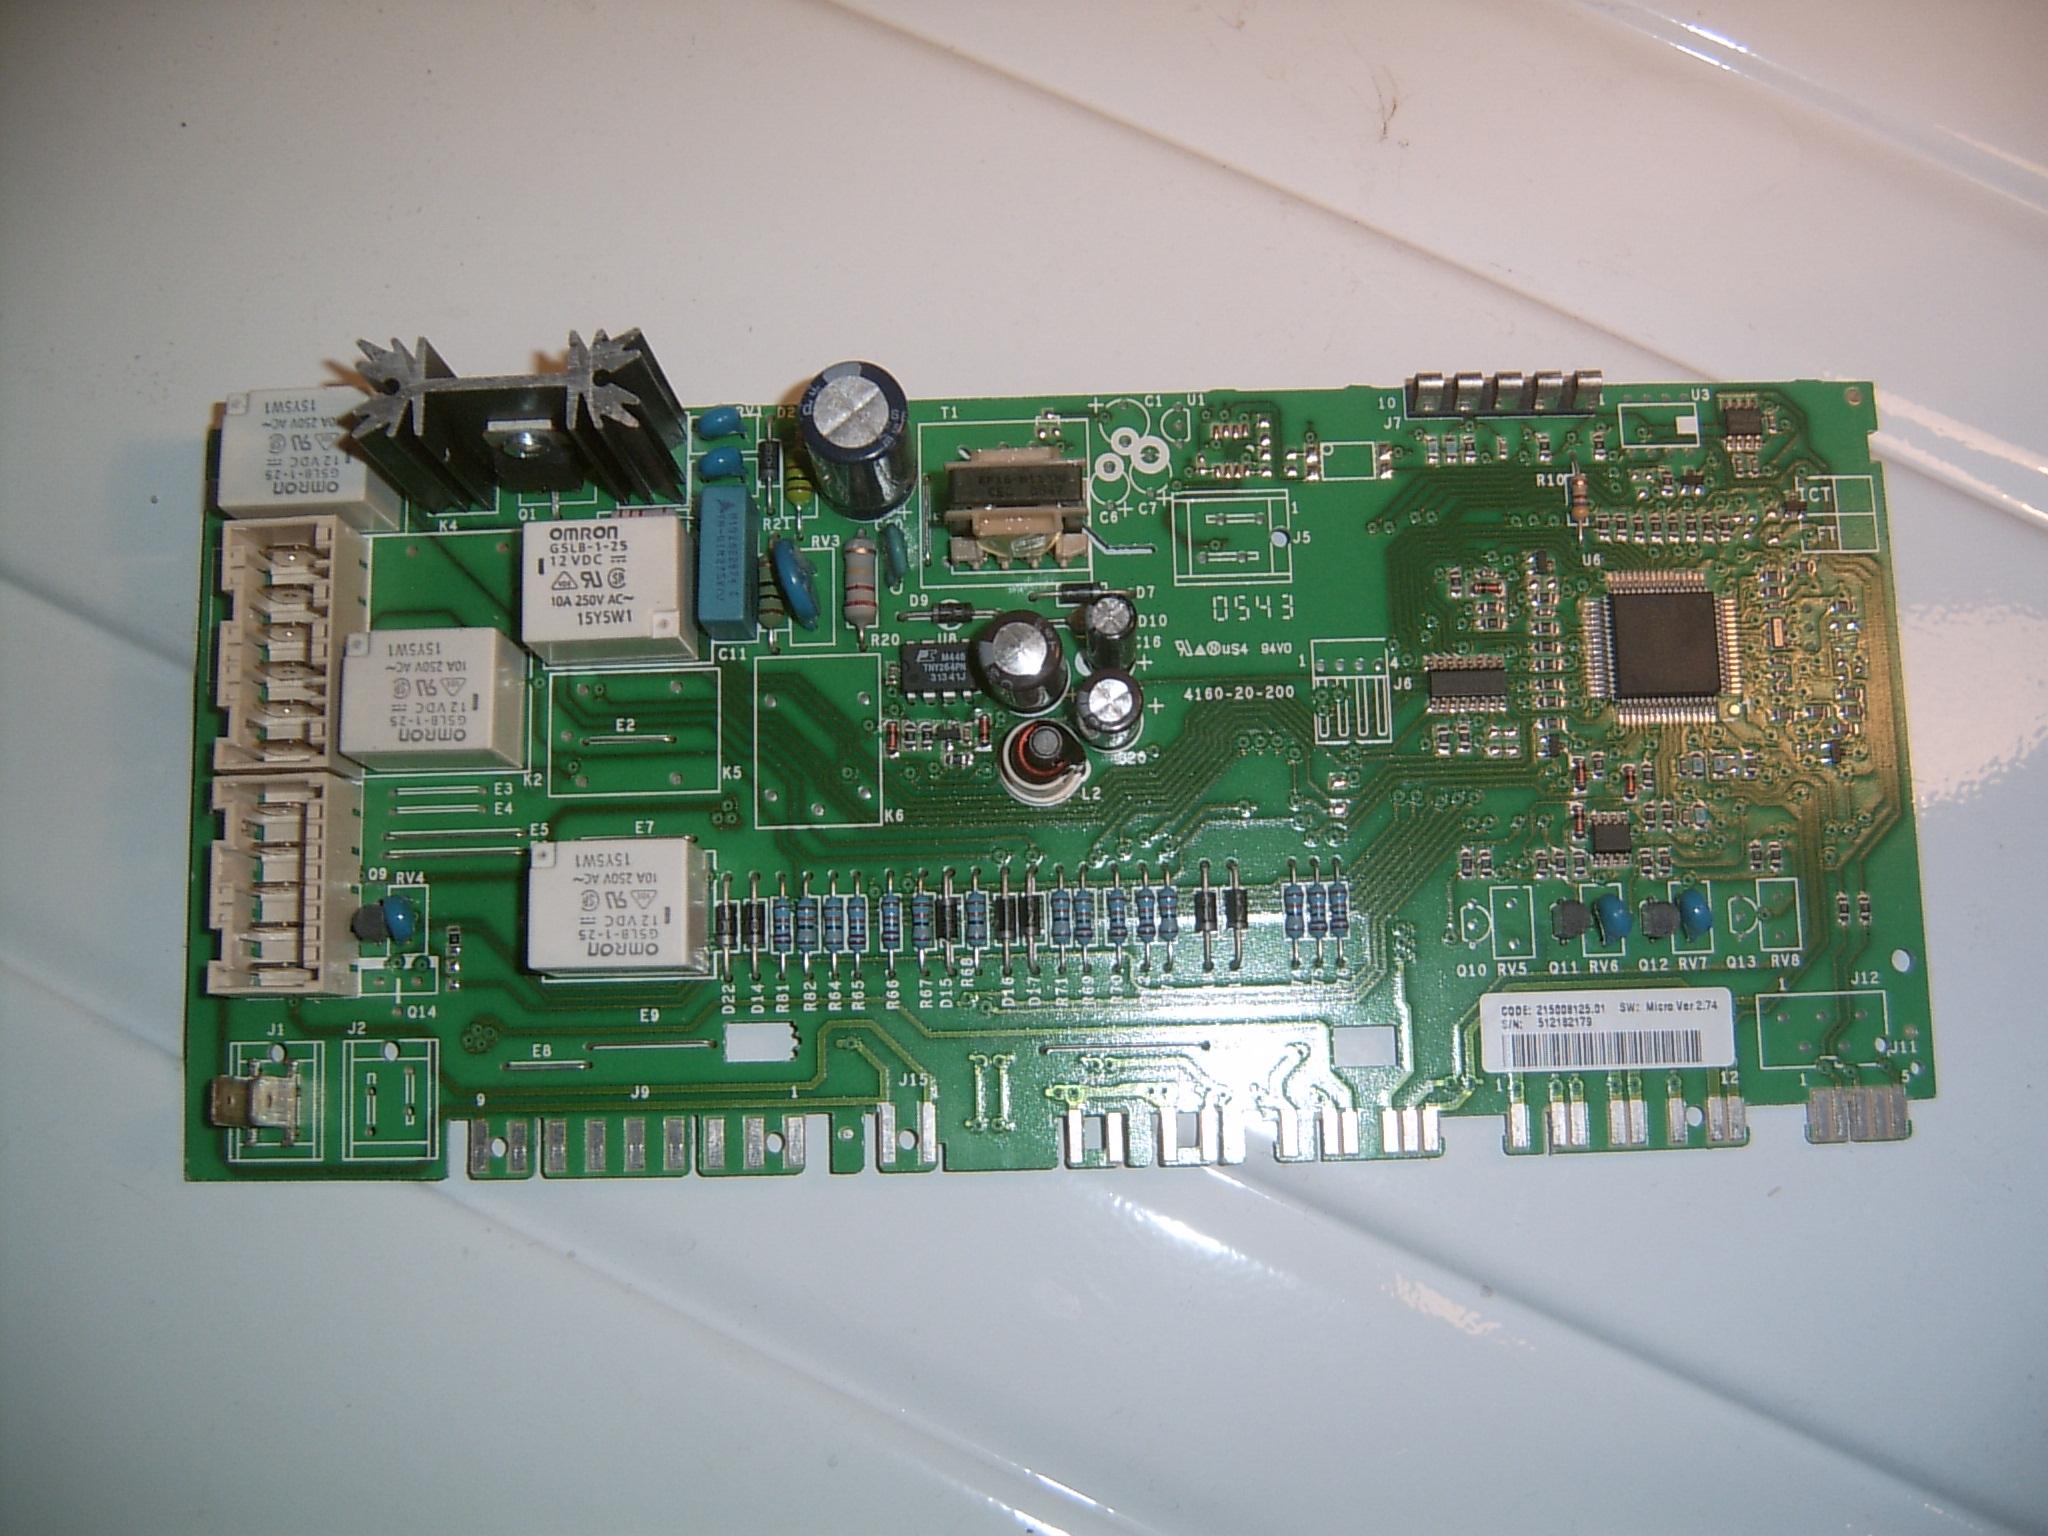 Indesit WISL 85PL - Migaj� diody, nie w��cza si�.